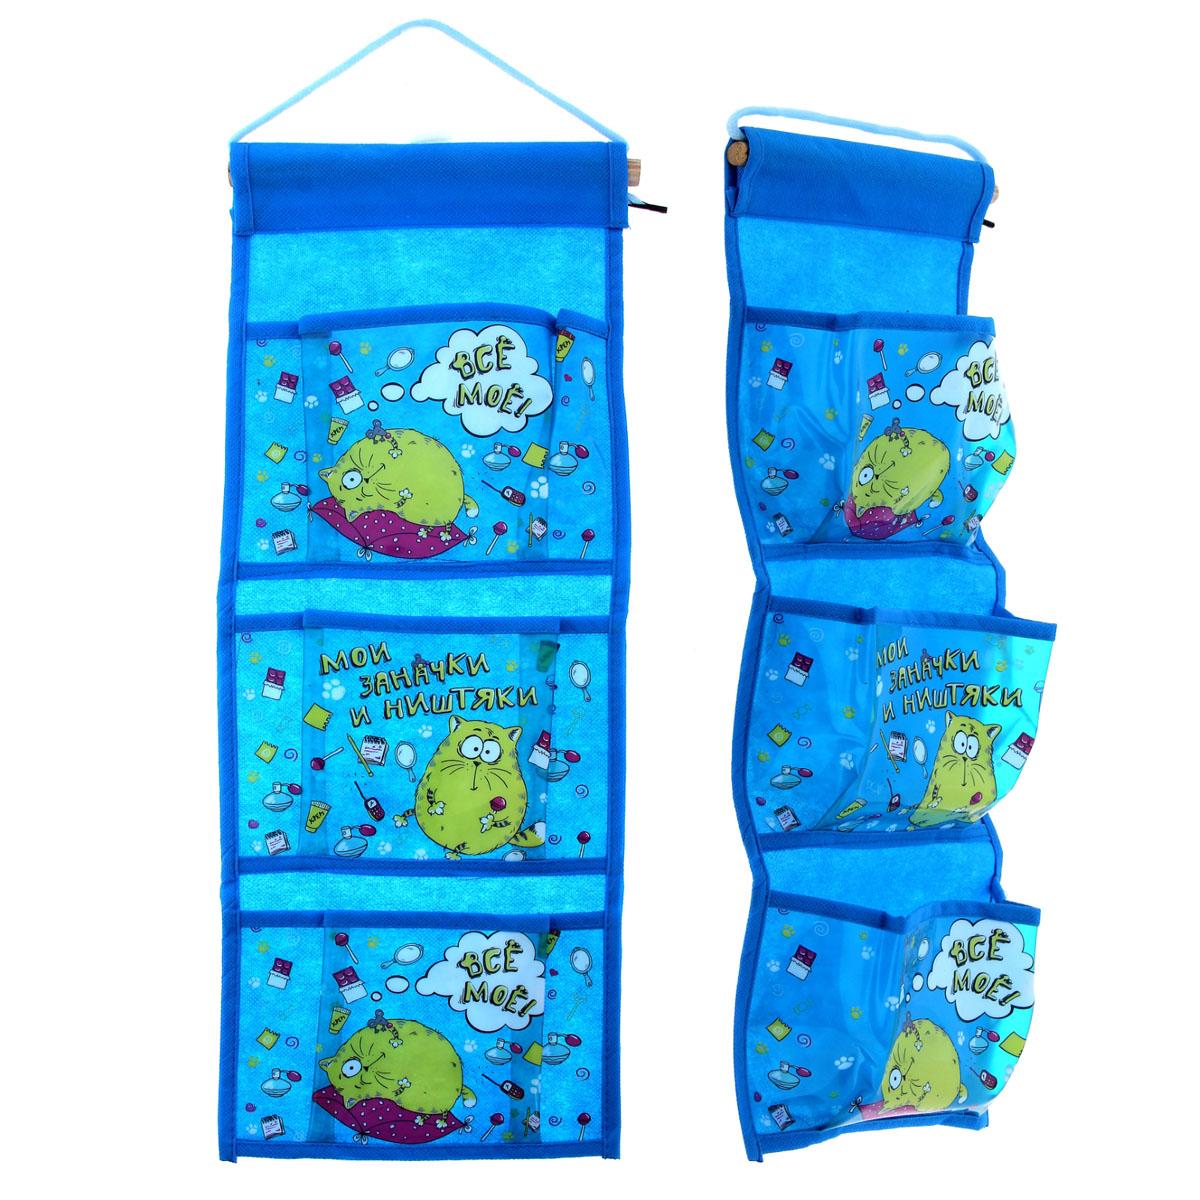 Кармашки на стену Sima-land Мои заначки и ништяки, цвет: голубой, желтый, бордовый, 3 шт12723Кармашки на стену Sima-land «Мои заначки и ништяки», изготовленные из текстиля и пластика, предназначены для хранения необходимых вещей, множества мелочей в гардеробной, ванной, детской комнатах. Изделие представляет собой текстильное полотно с тремя пришитыми кармашками. Благодаря деревянной планке и шнурку, кармашки можно подвесить на стену или дверь в необходимом для вас месте. Кармашки декорированы изображениями забавного кота, косметики, телефона и надписью «Мои заначки и ништяки».Этот нужный предмет может стать одновременно и декоративным элементом комнаты. Яркий дизайн, как ничто иное, способен оживить интерьер вашего дома.Размер: 51 см х 16,5 см х 0,1 см.